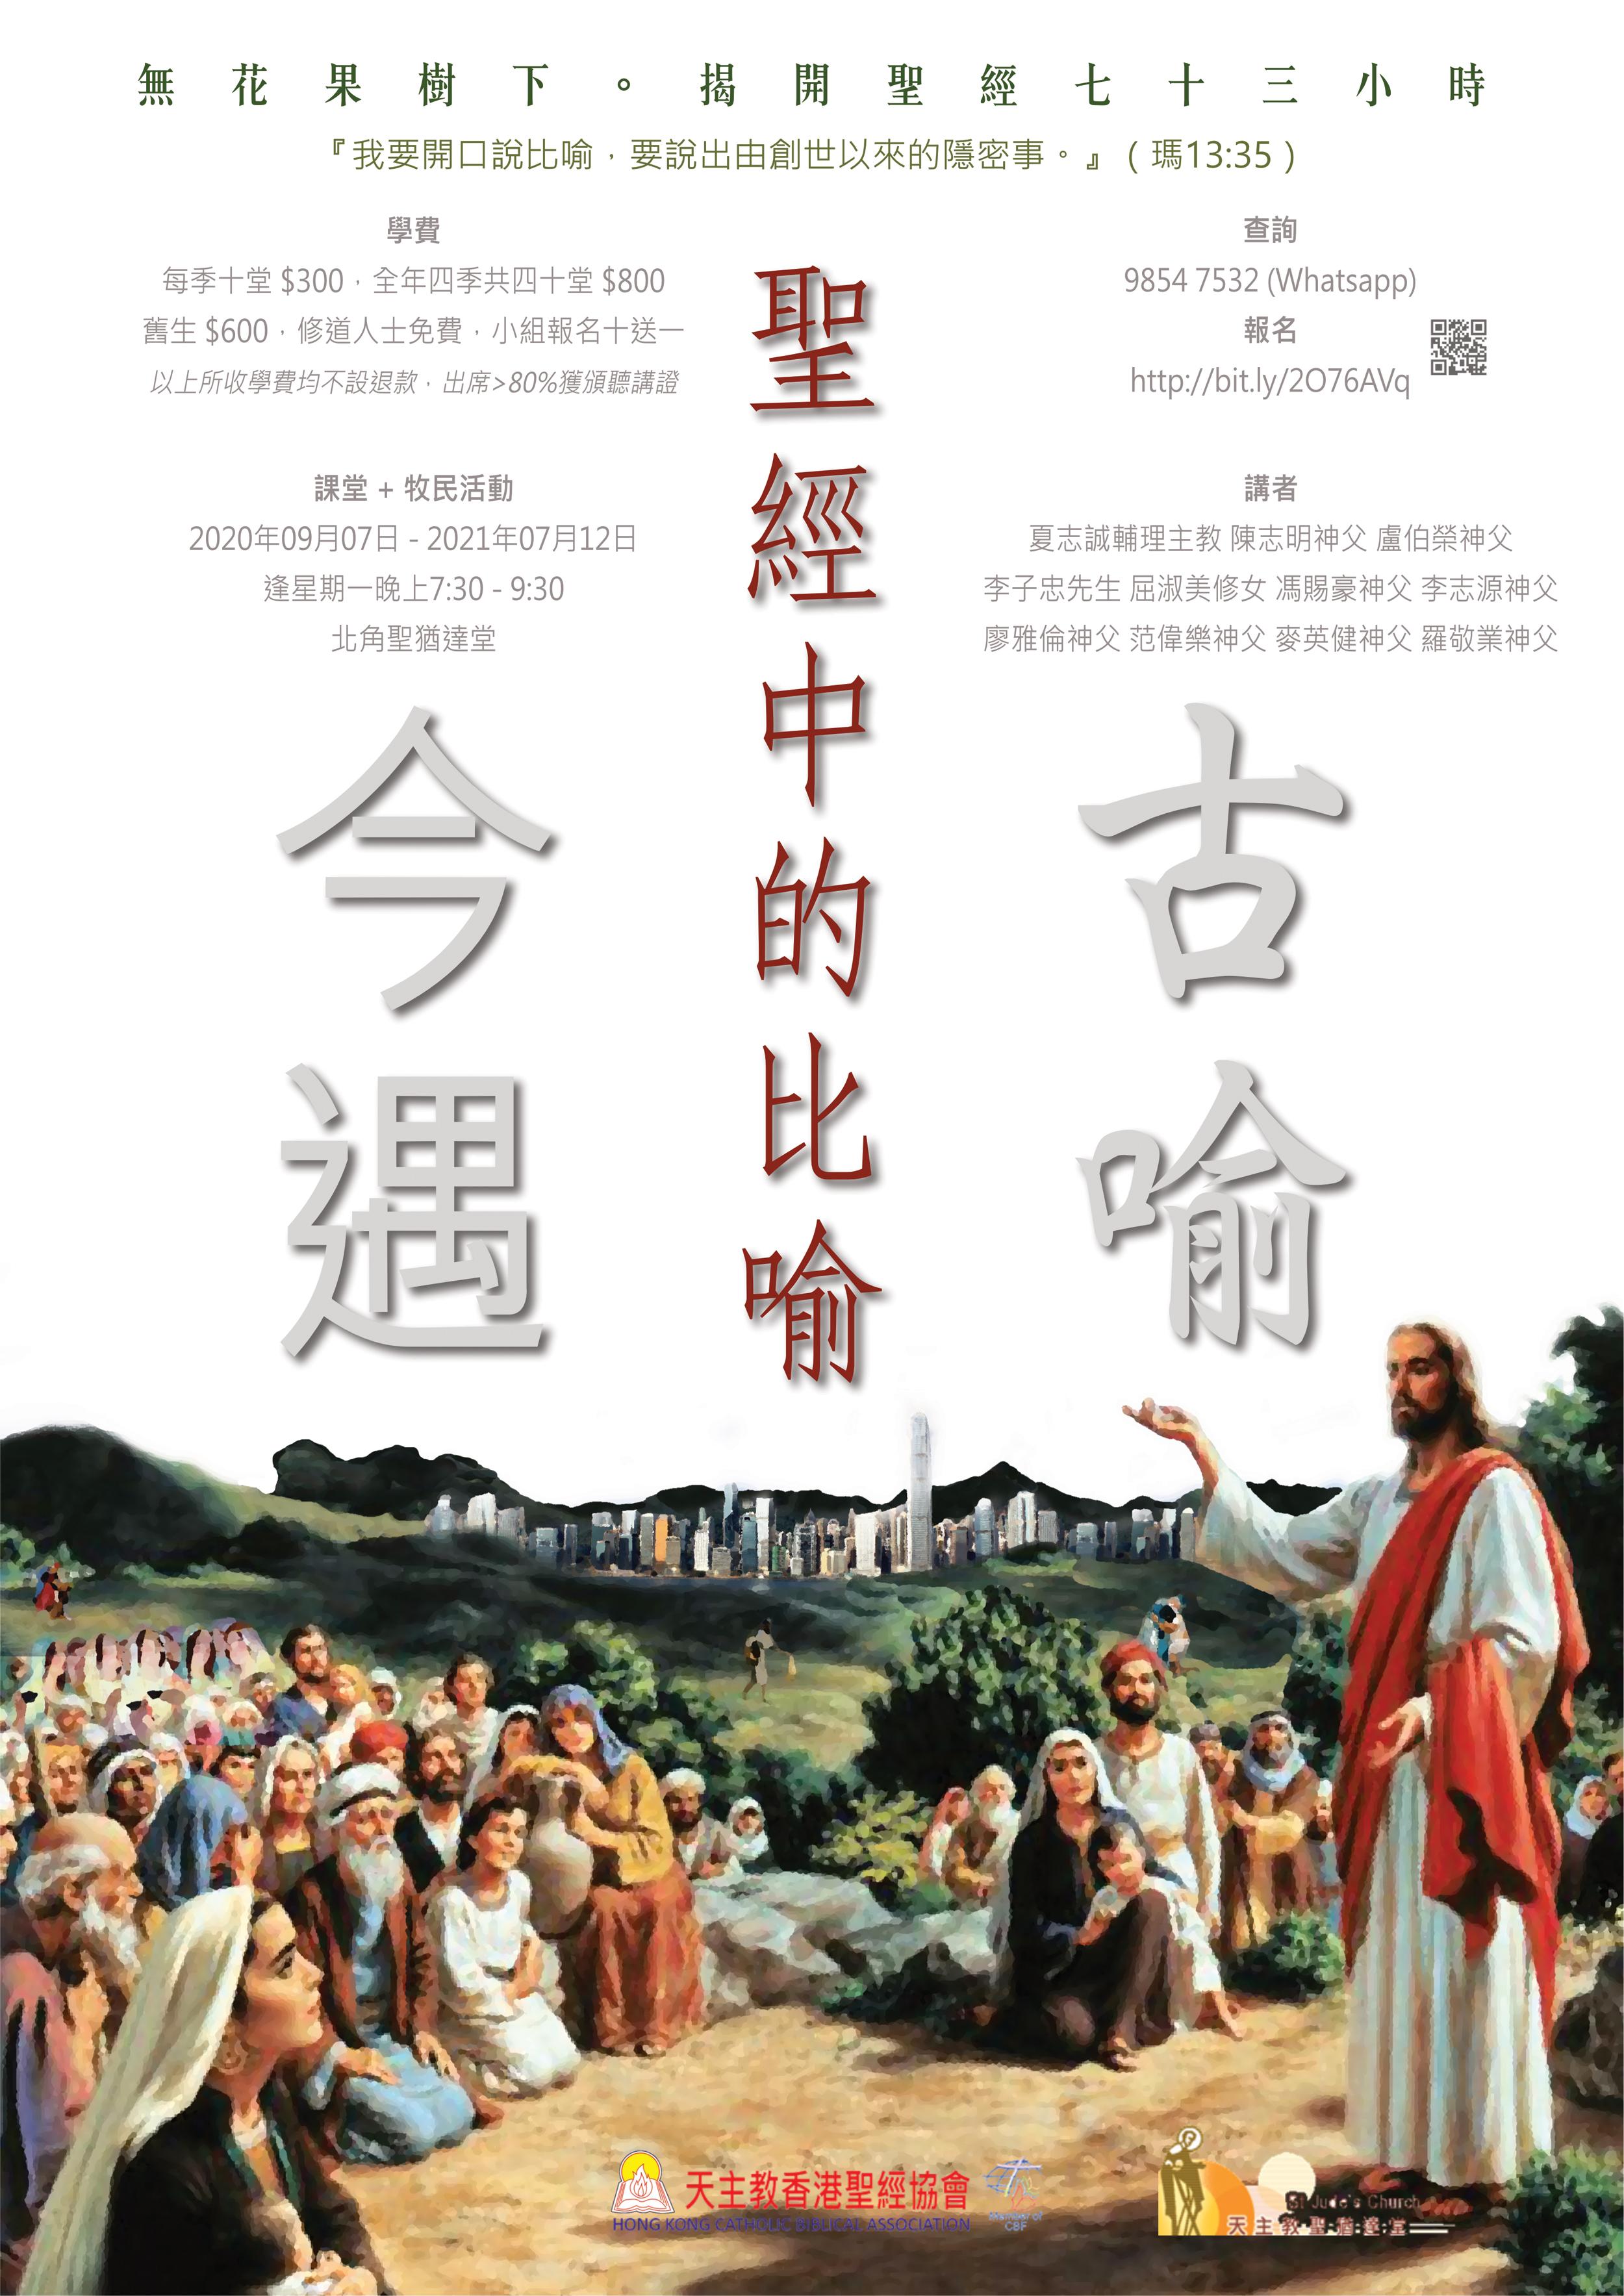 『古喻今遇――聖經中的比喻』網上報名